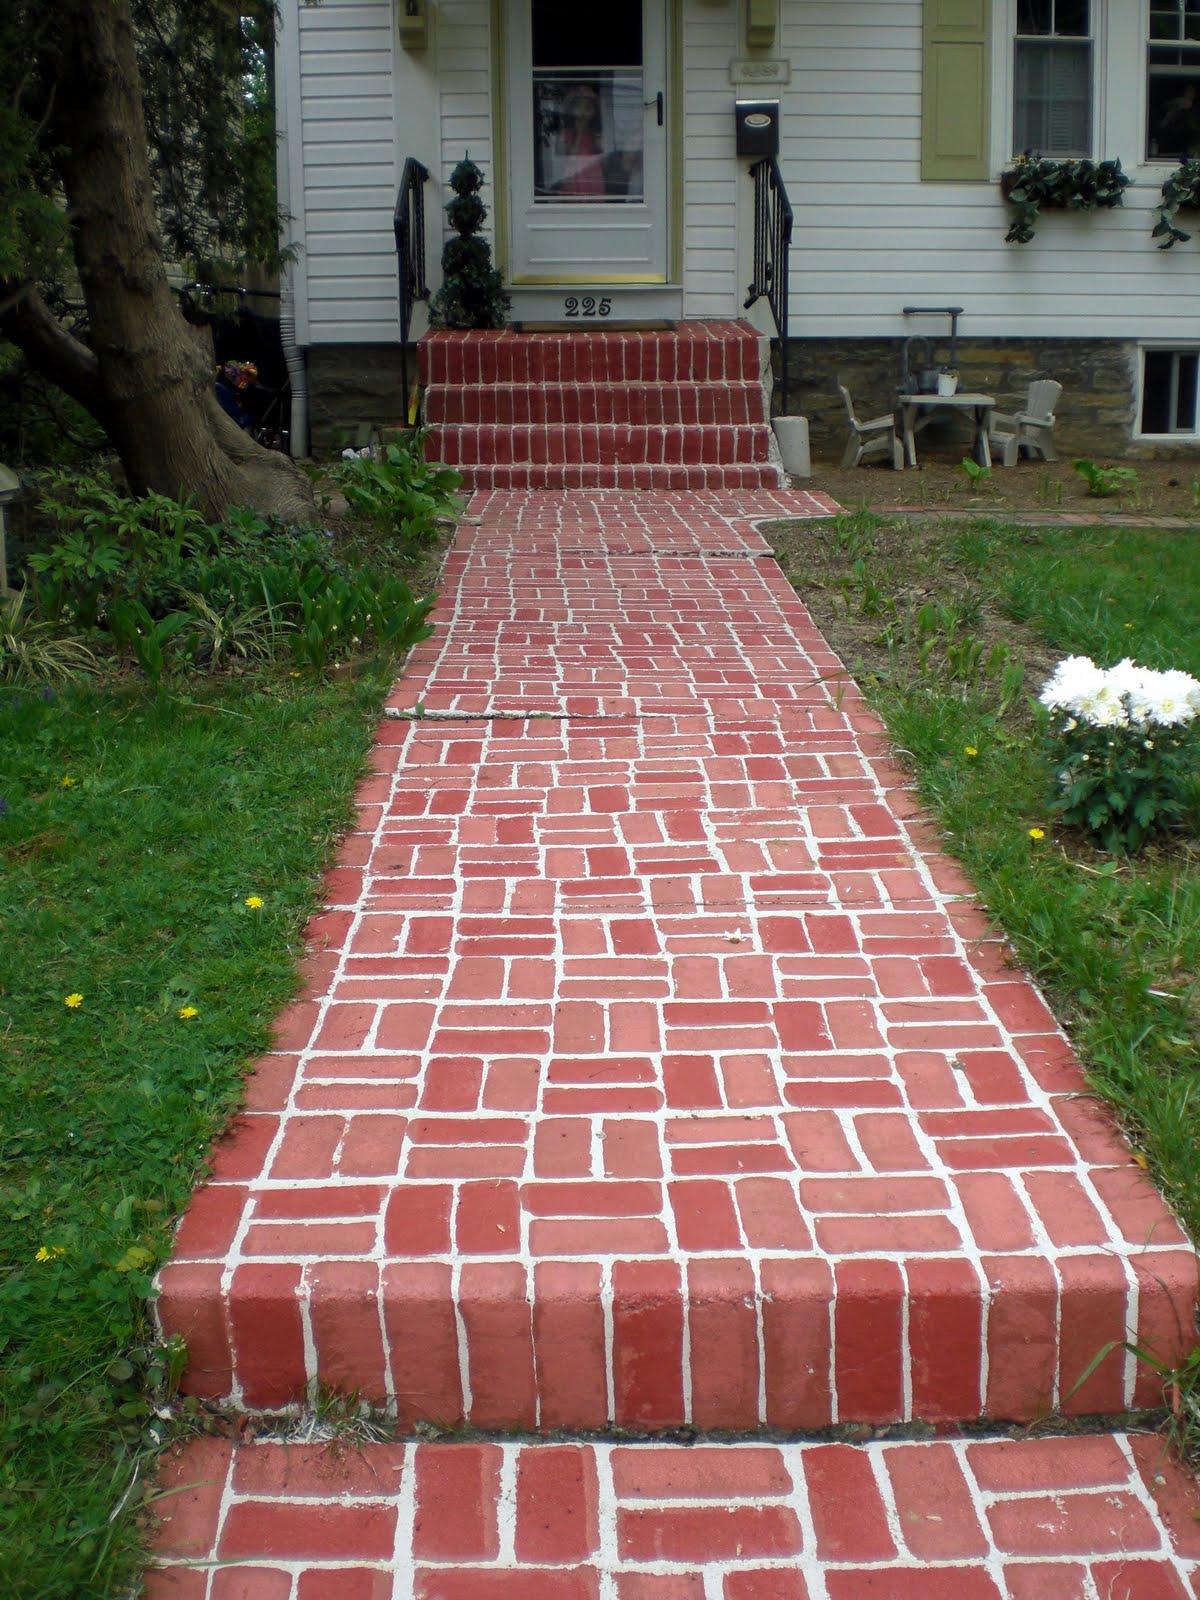 Brick Floor Paint : Painted brick walkway the home by denise sabia